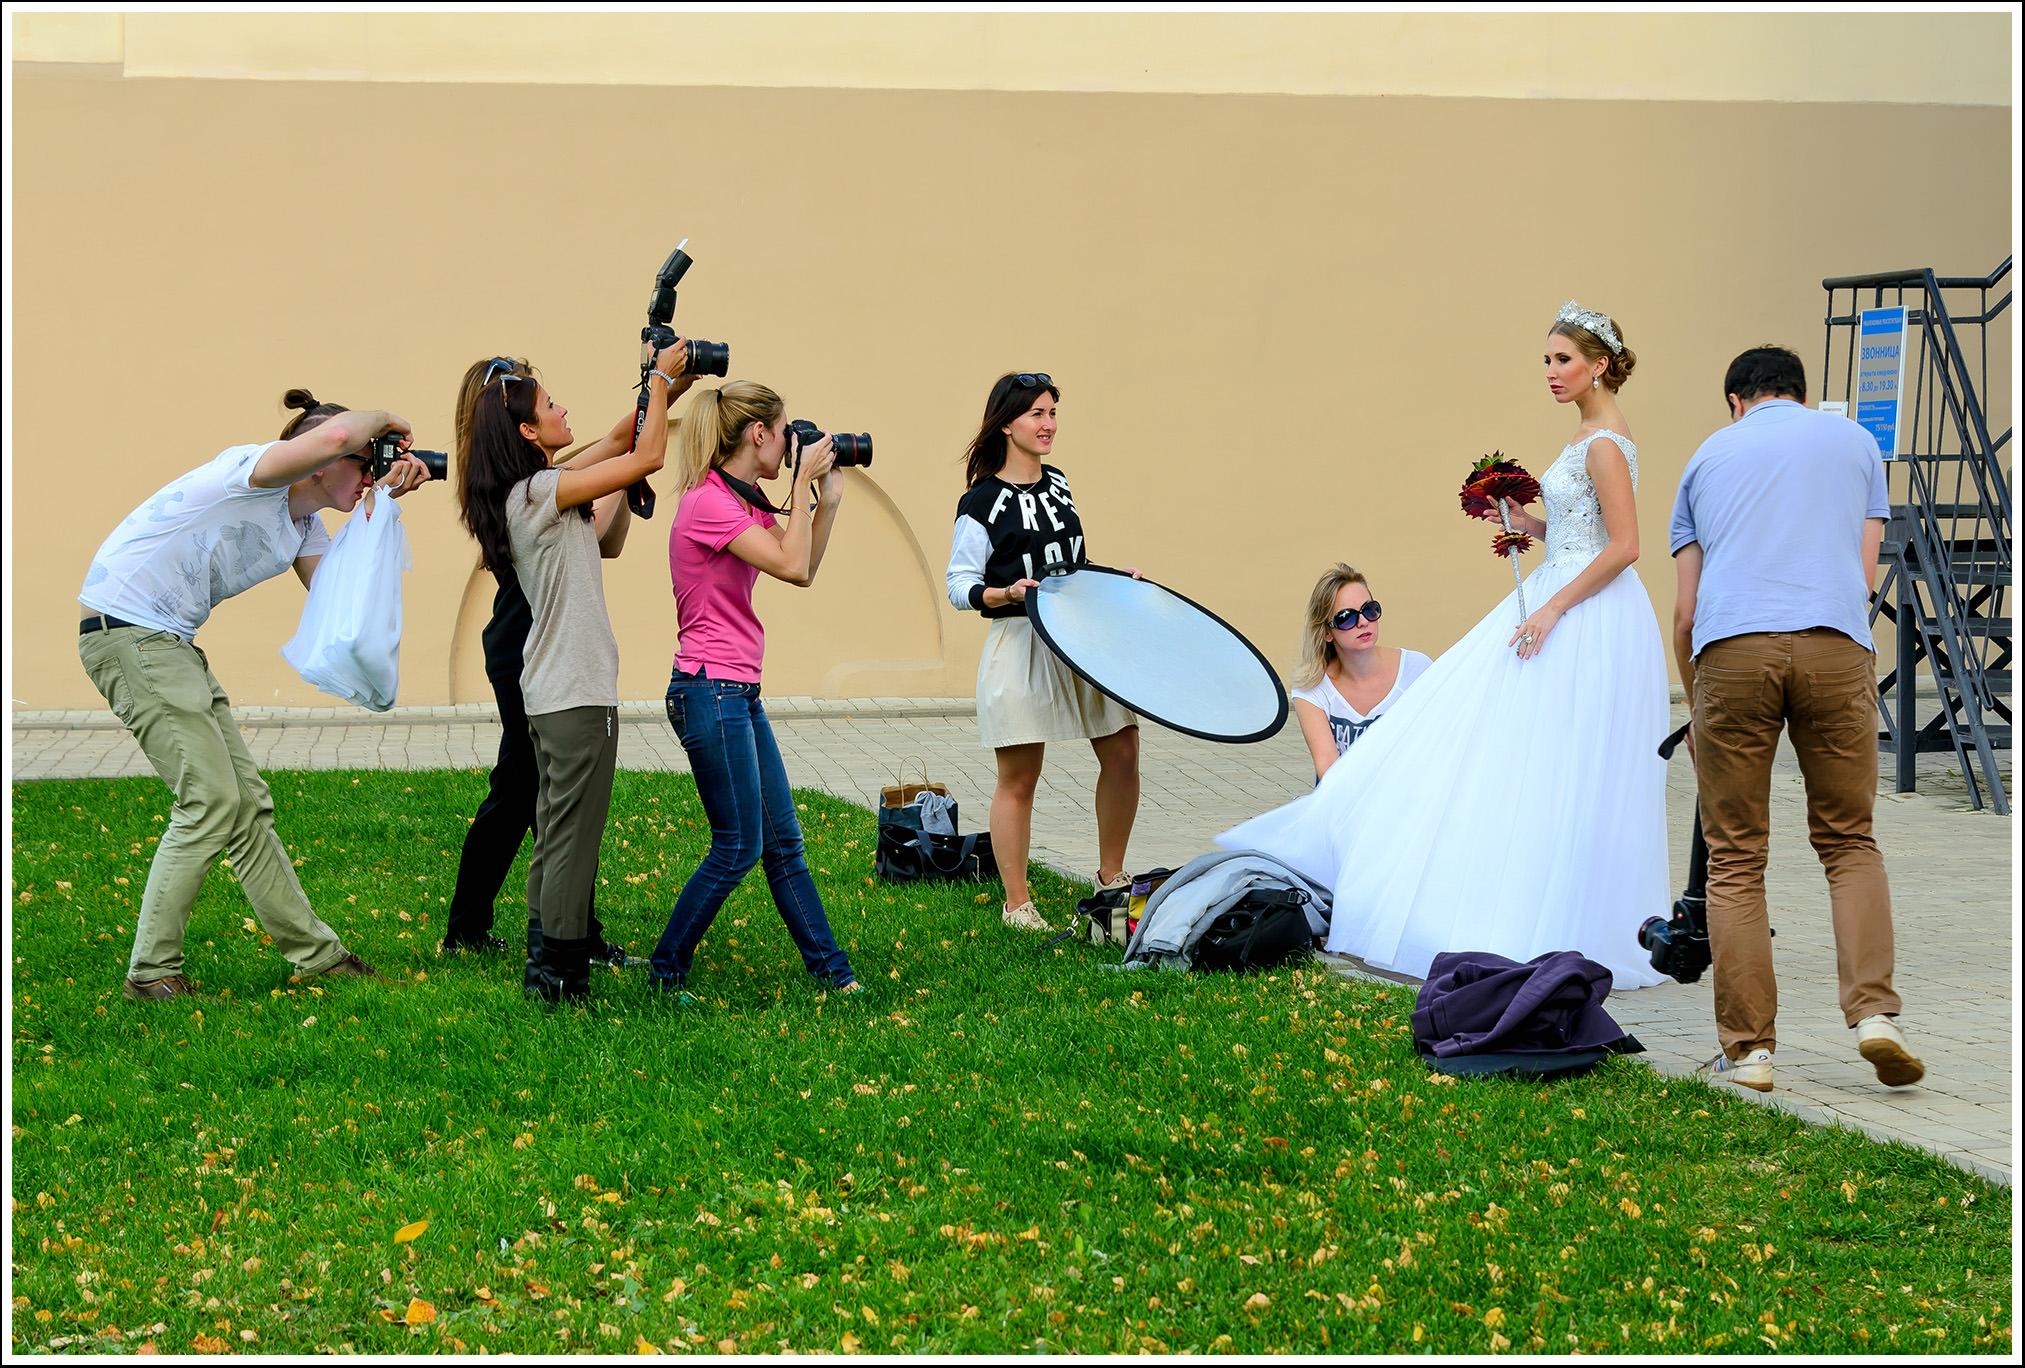 самых какого числа день фотографа в украине очень довольна, был